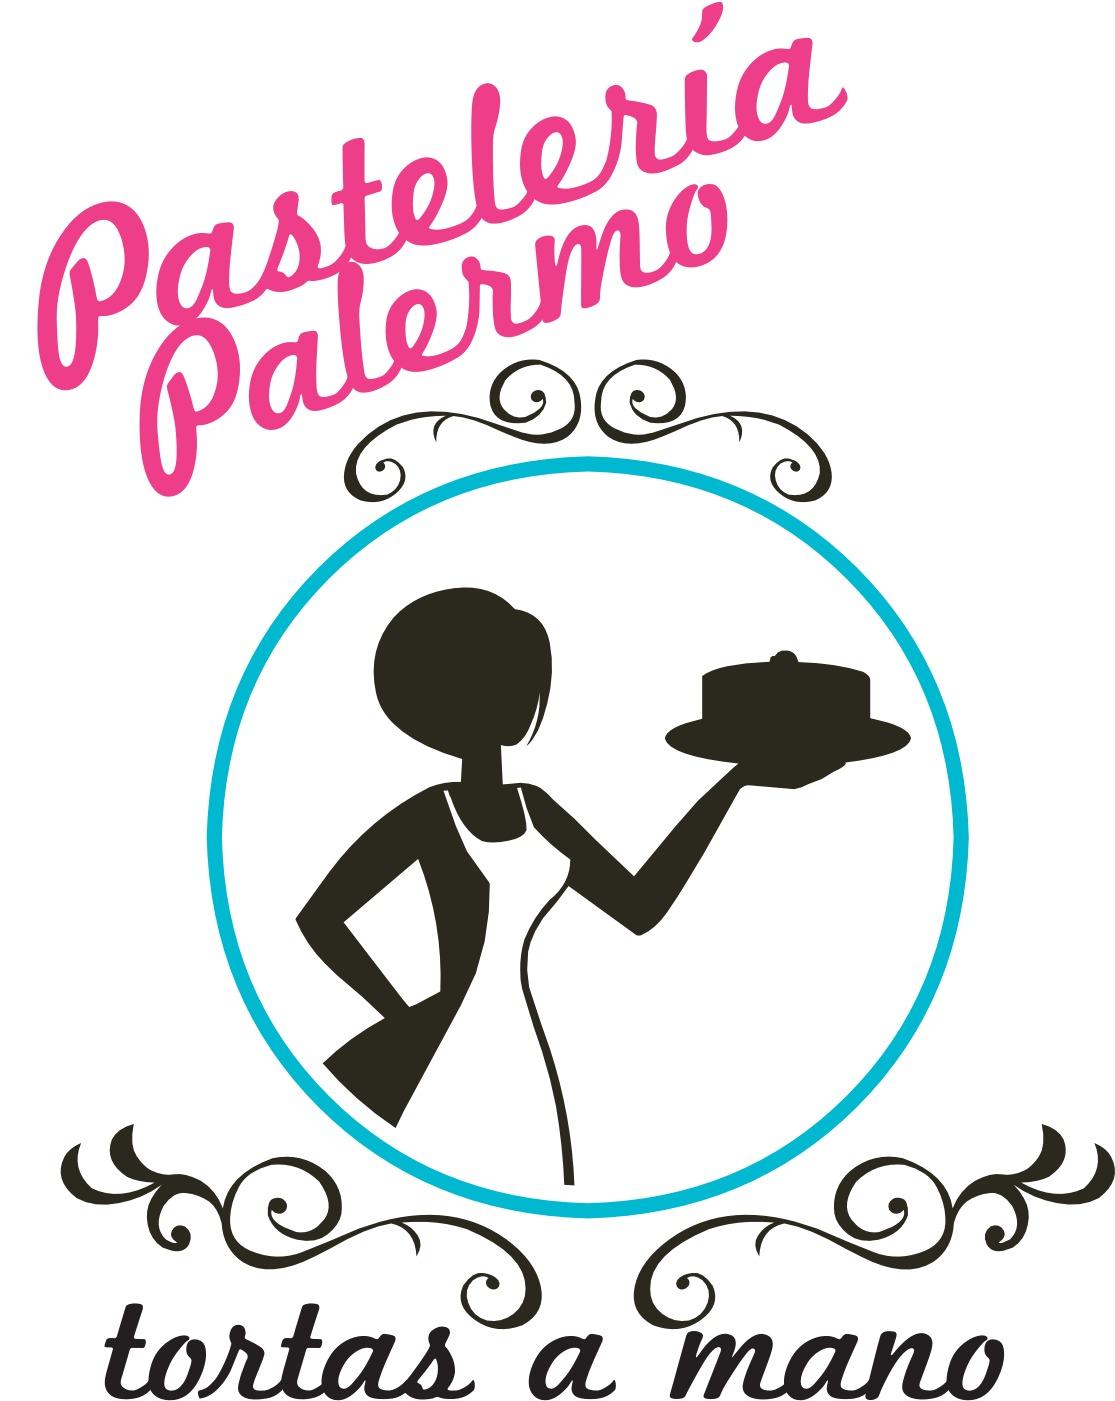 Tienda online de pasteleria palermo for Disena tu propia cocina online